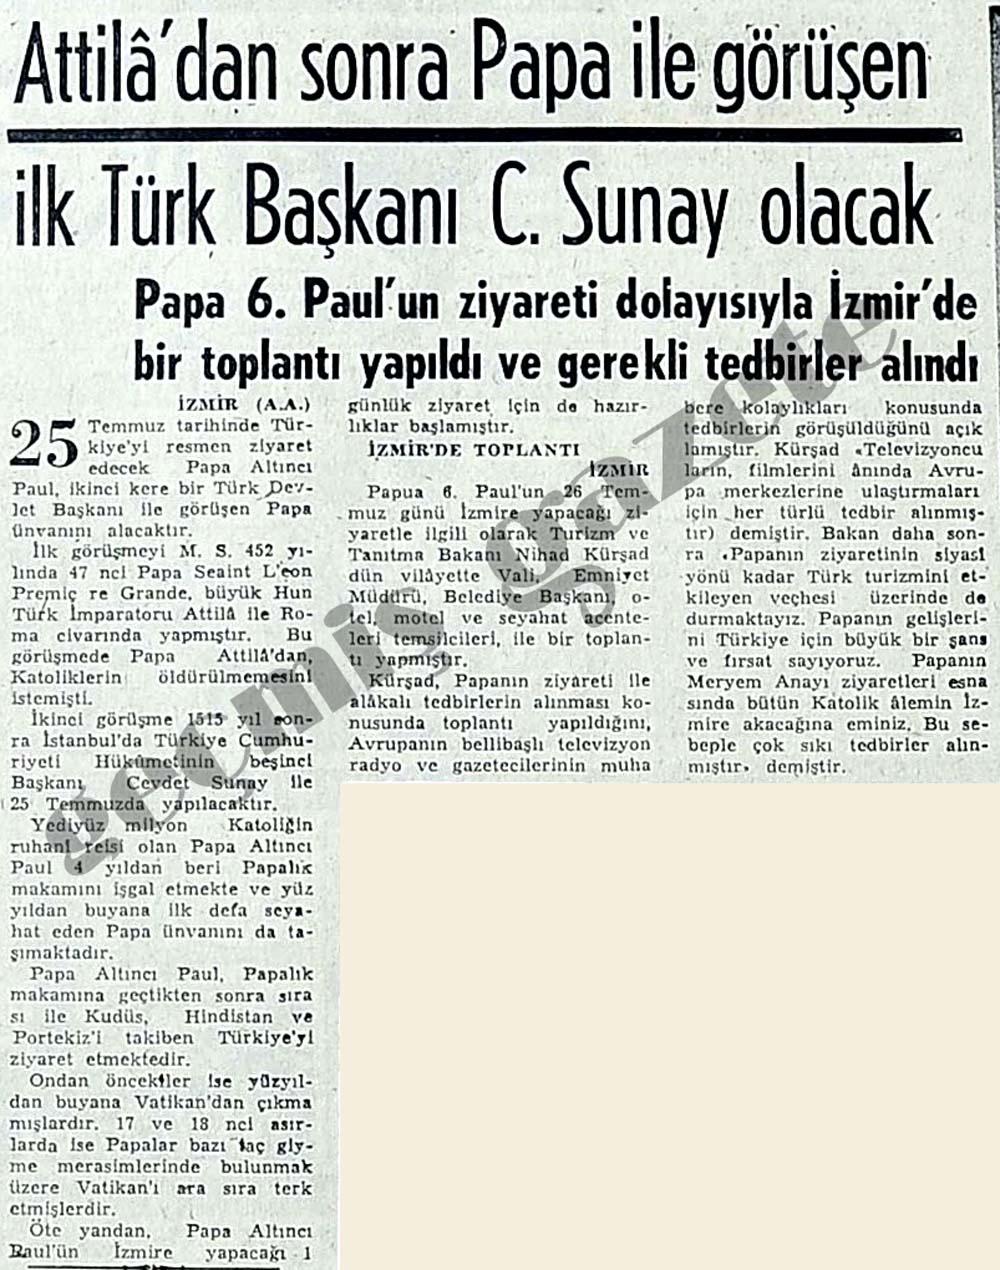 Atilla'dan sonra Papa ile görüşen ilk Türk Başkanı C. Sunay olacak